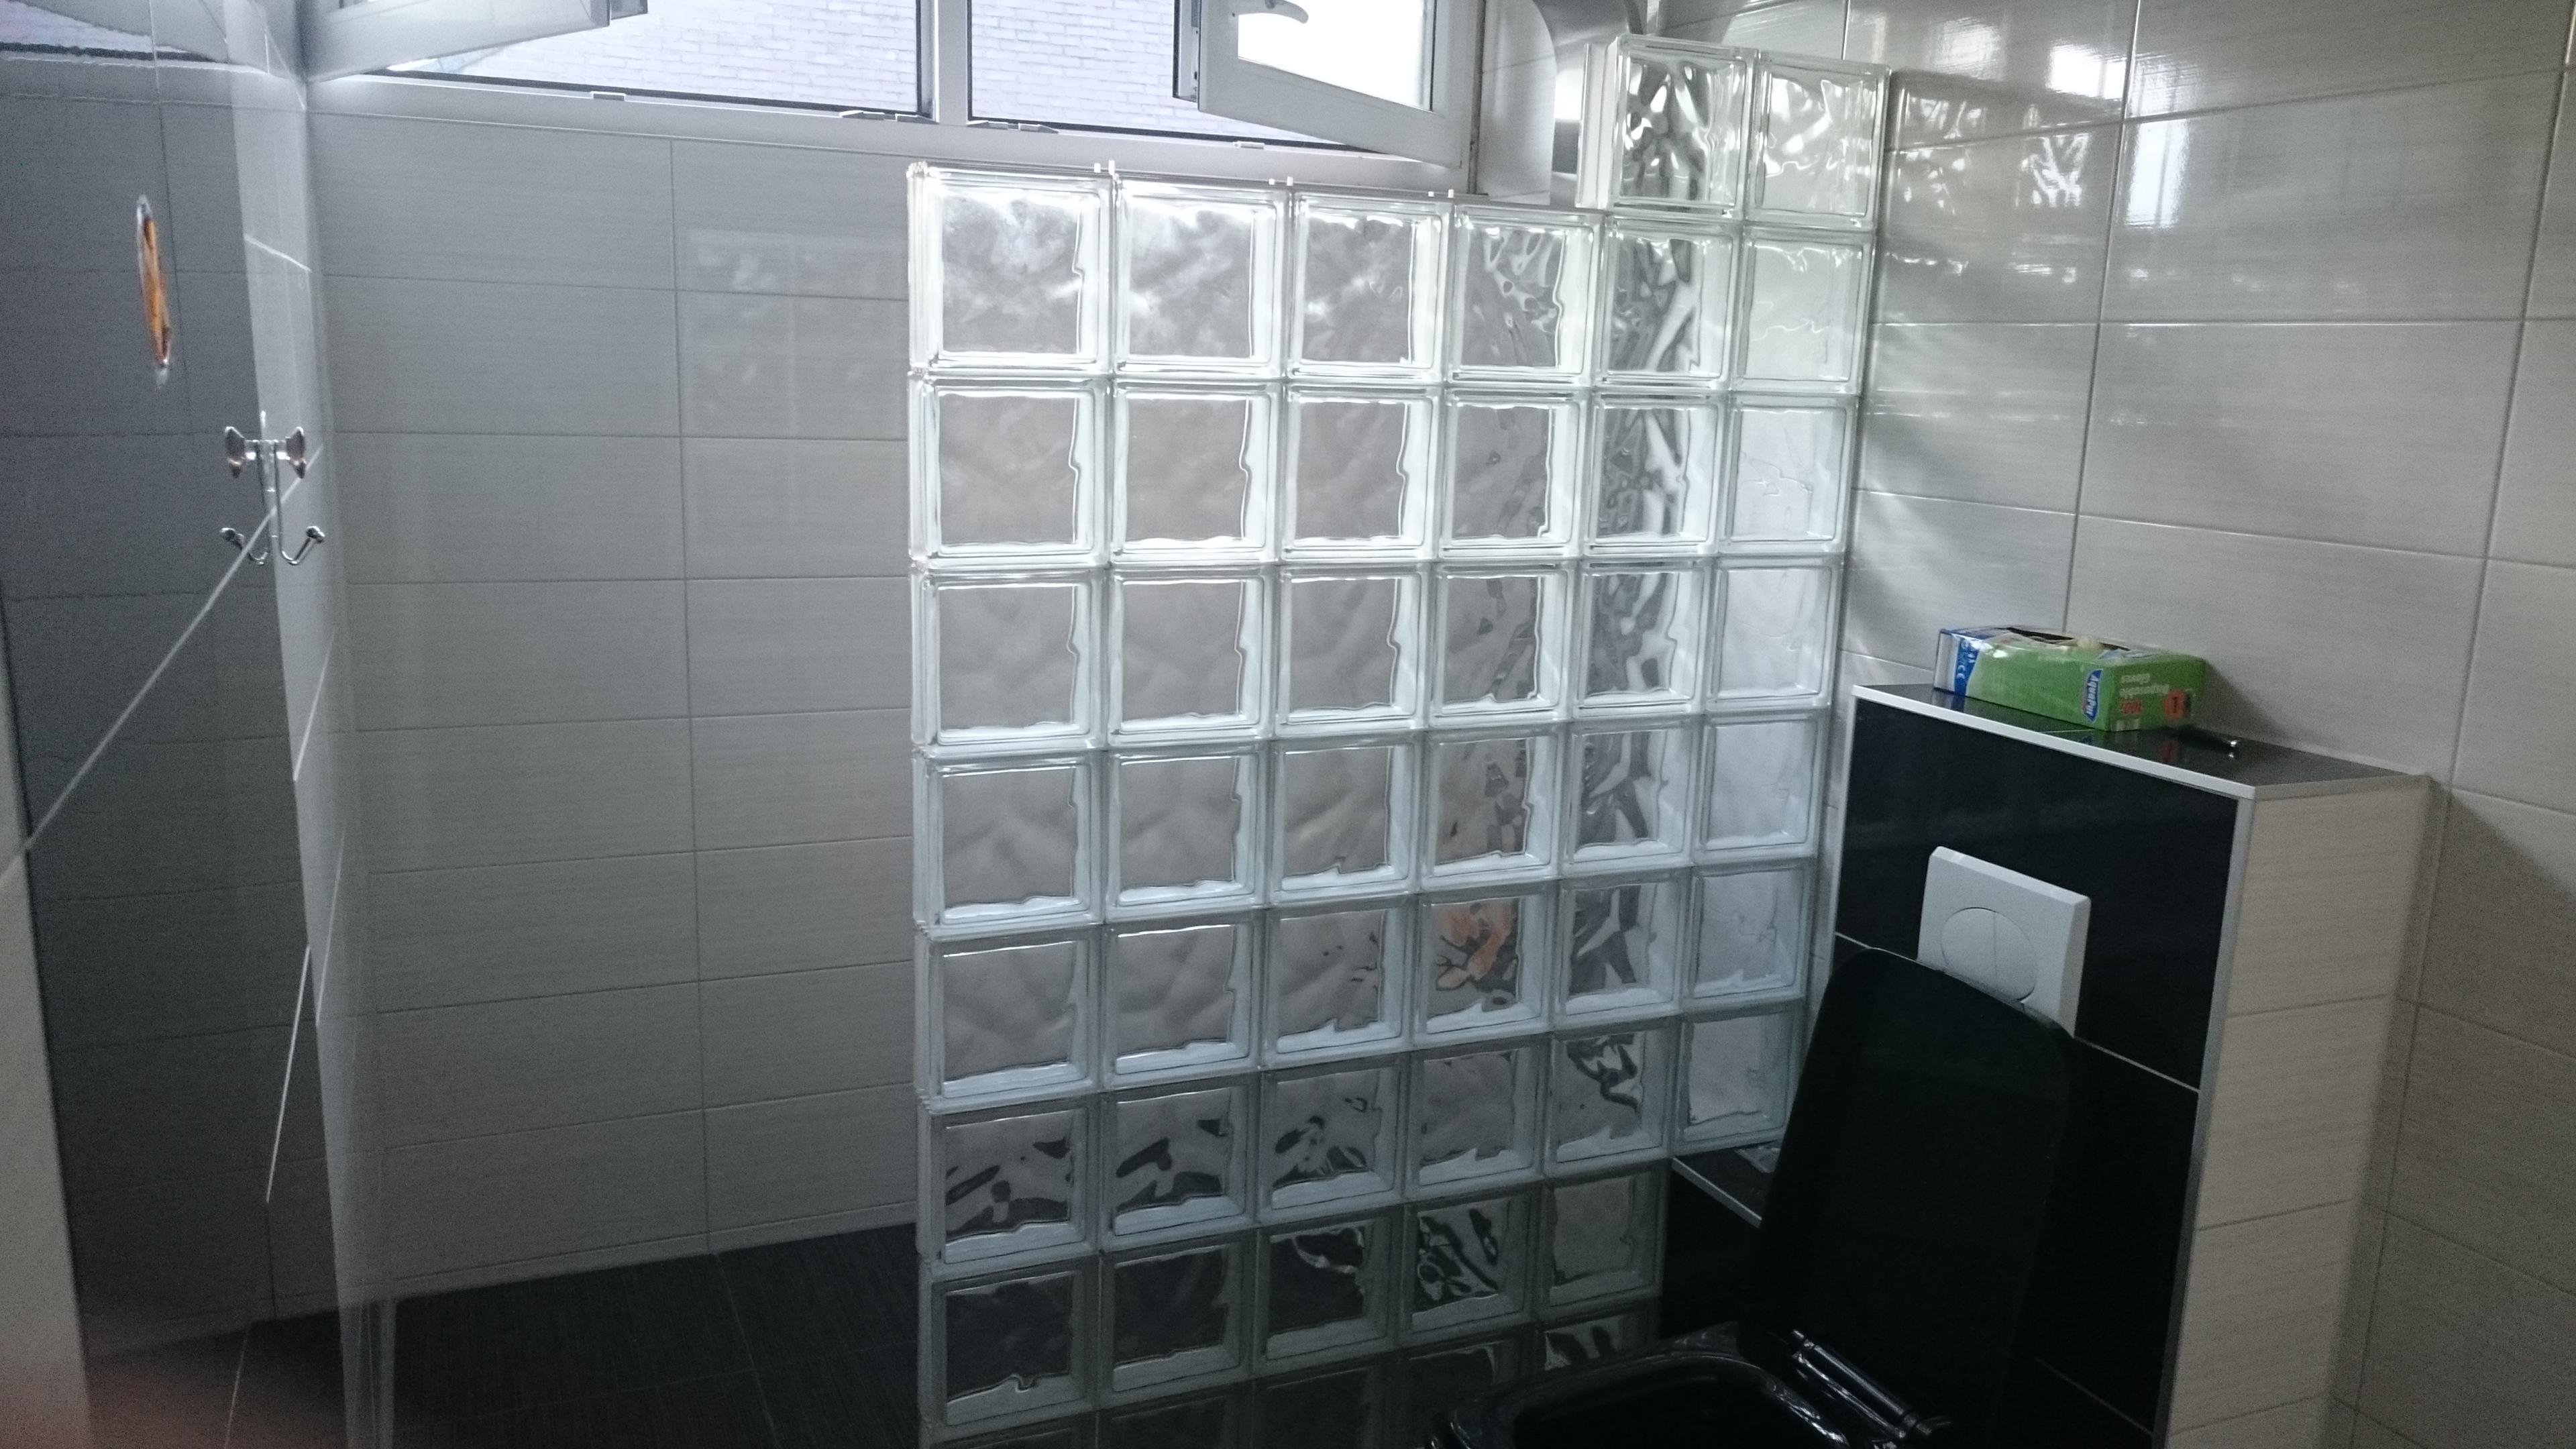 Wasbak Badkamer Praxis : Praxis badkamers voorbeelden latest kleine badkamer met kleine